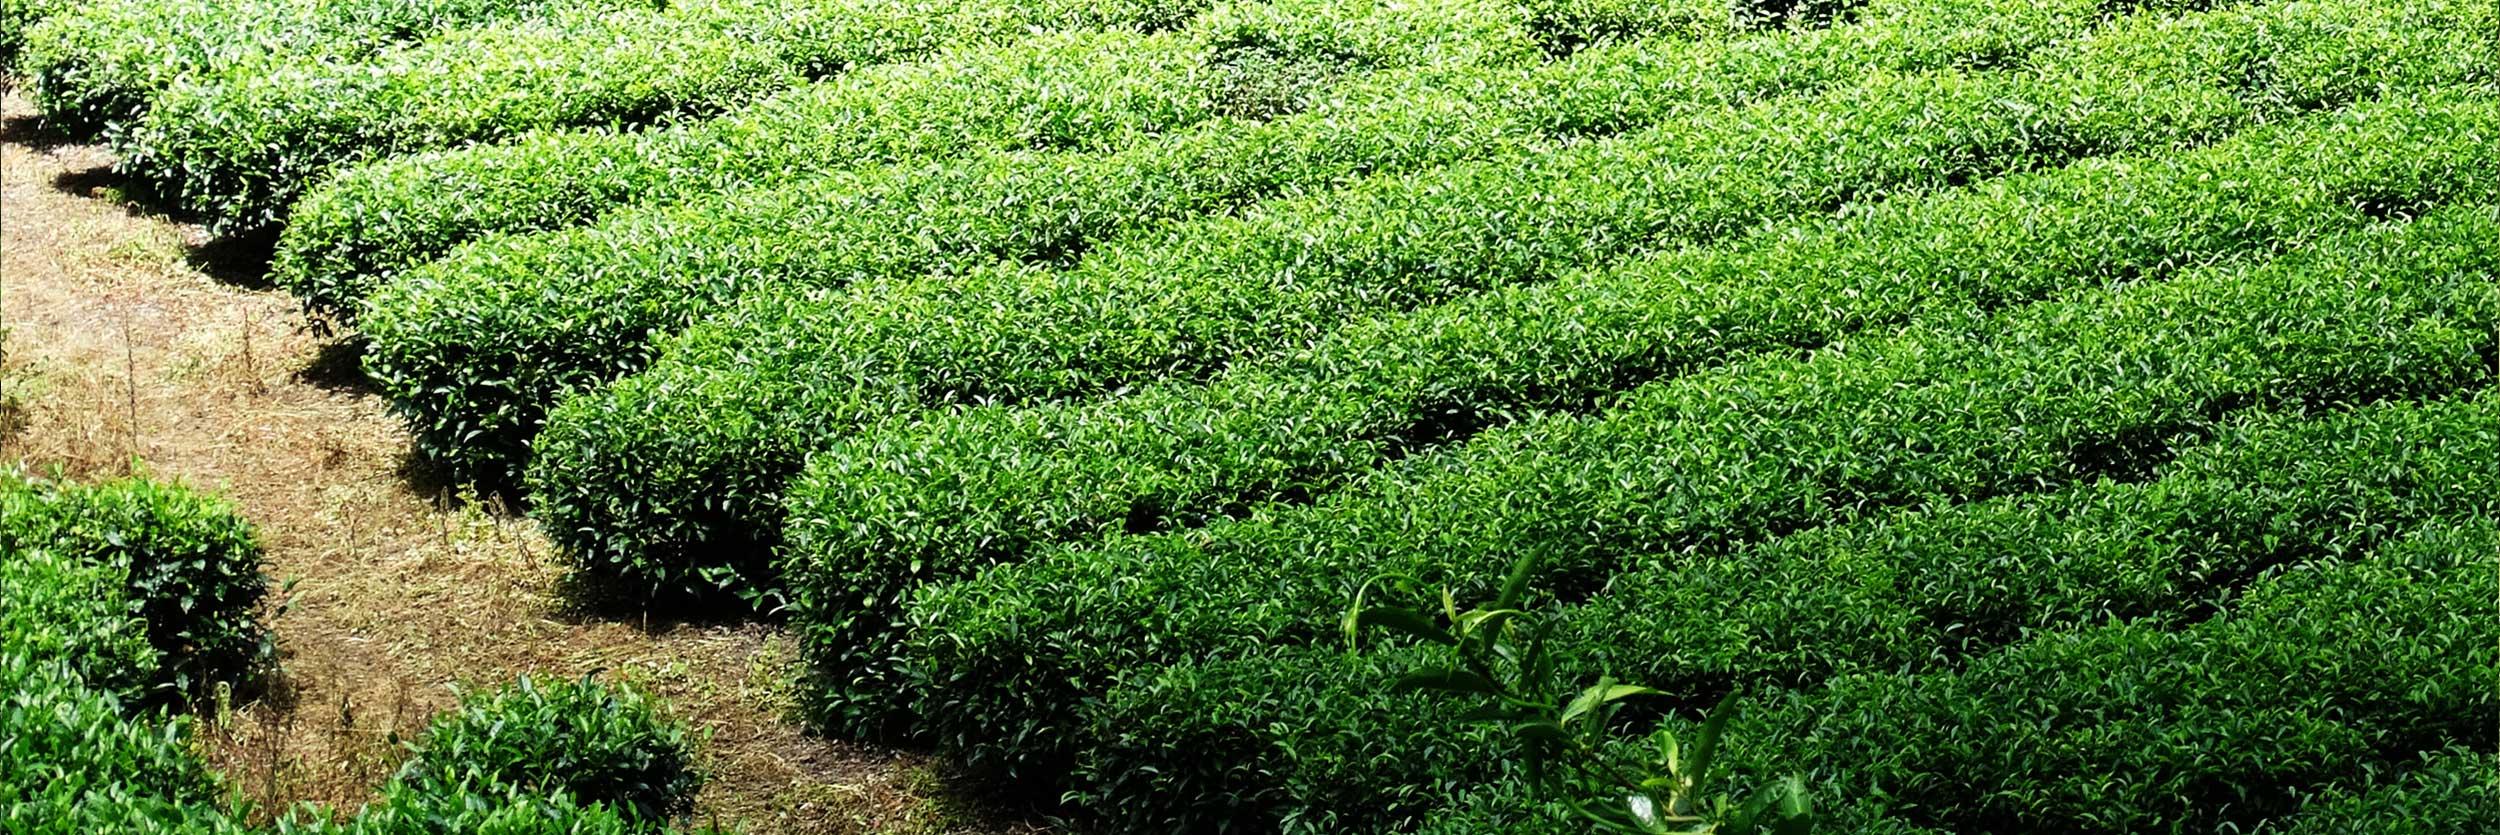 Dabei liegt uns nicht nur die hohe Qualität des Tees am Herzen, für uns zählt auch der nachhaltige Handel. Wir beziehen unsere Ware von sorgsam ausgewählten und zertifizierten Lieferanten und Teeproduzenten, die dieselbe Philosophie wie wir vertreten.